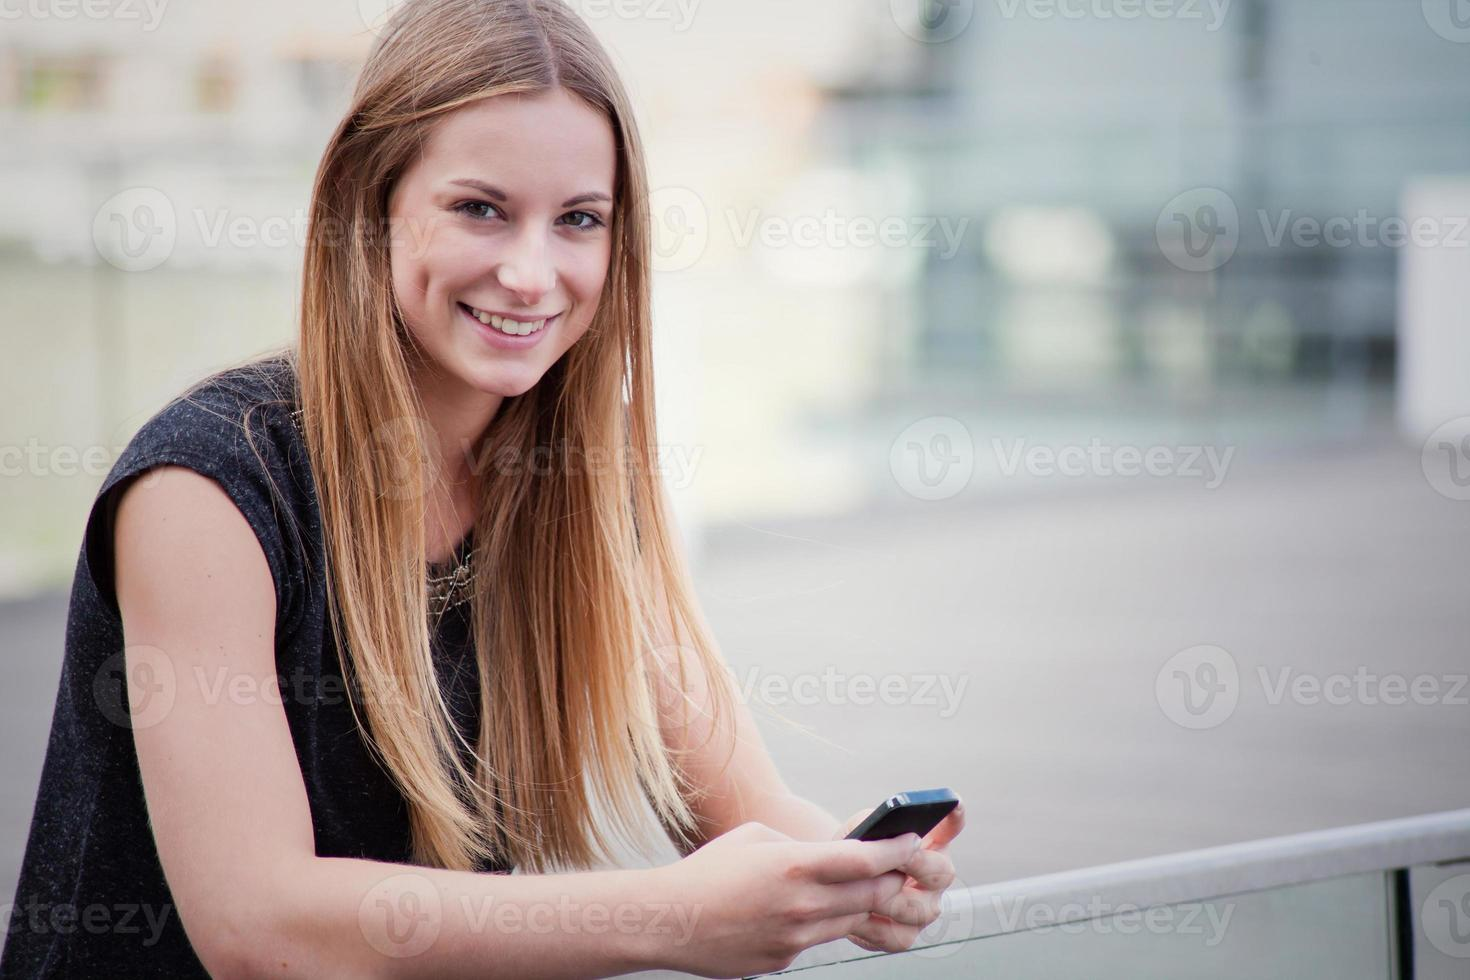 Teenager-Mädchen mit Smartphone foto